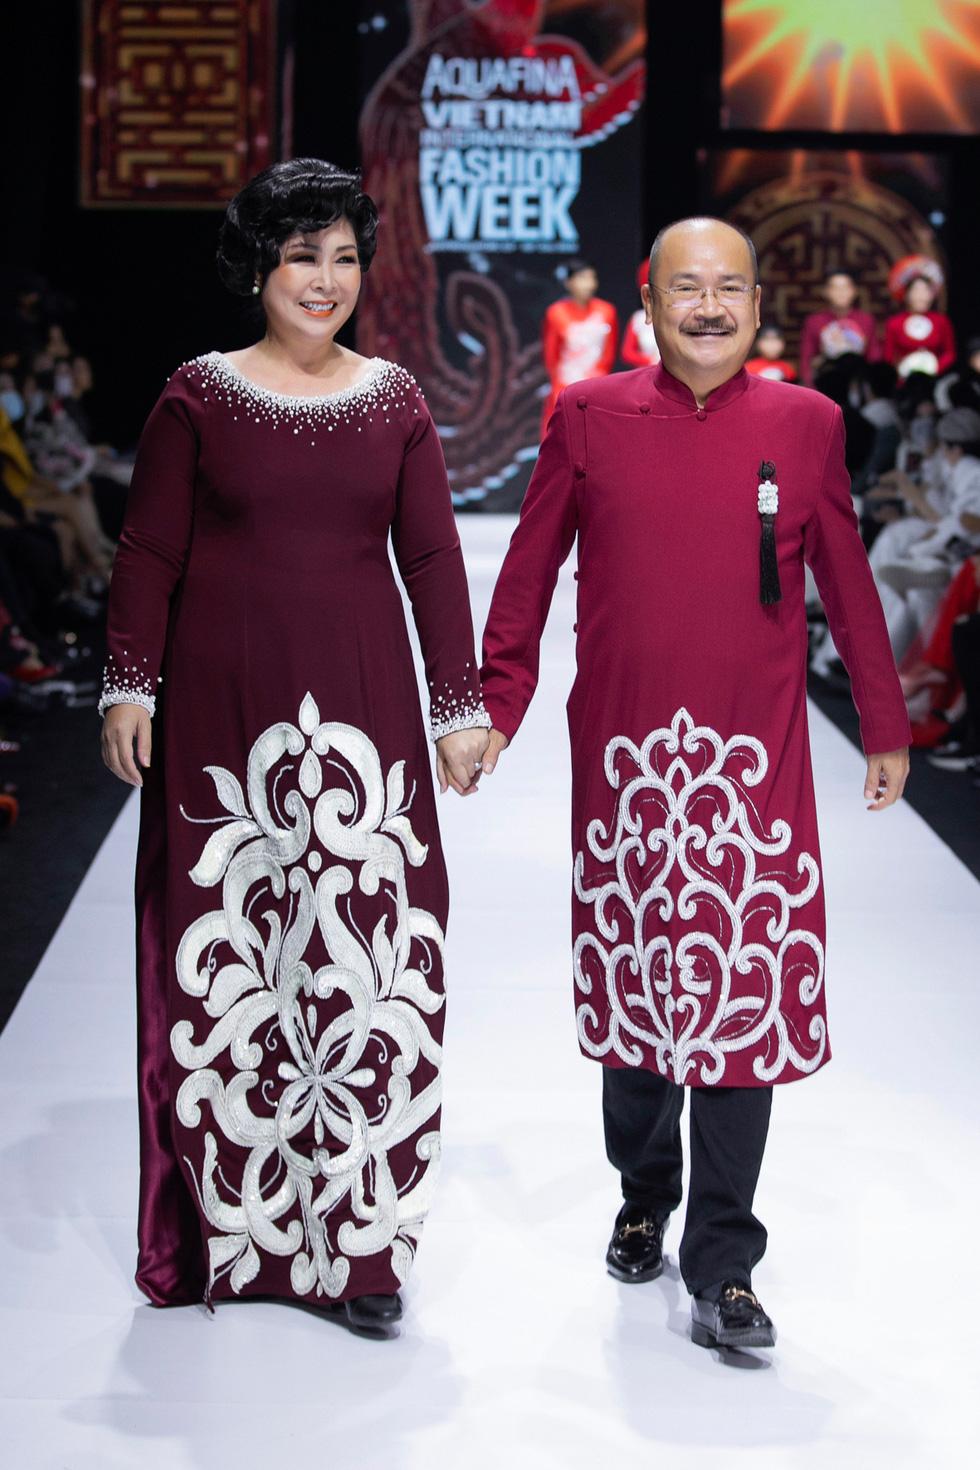 Hoa hậu Khánh Vân làm vedette, NSND Hồng Vân làm người mẫu catwalk cho nhà thiết kế Minh Châu - Ảnh 3.